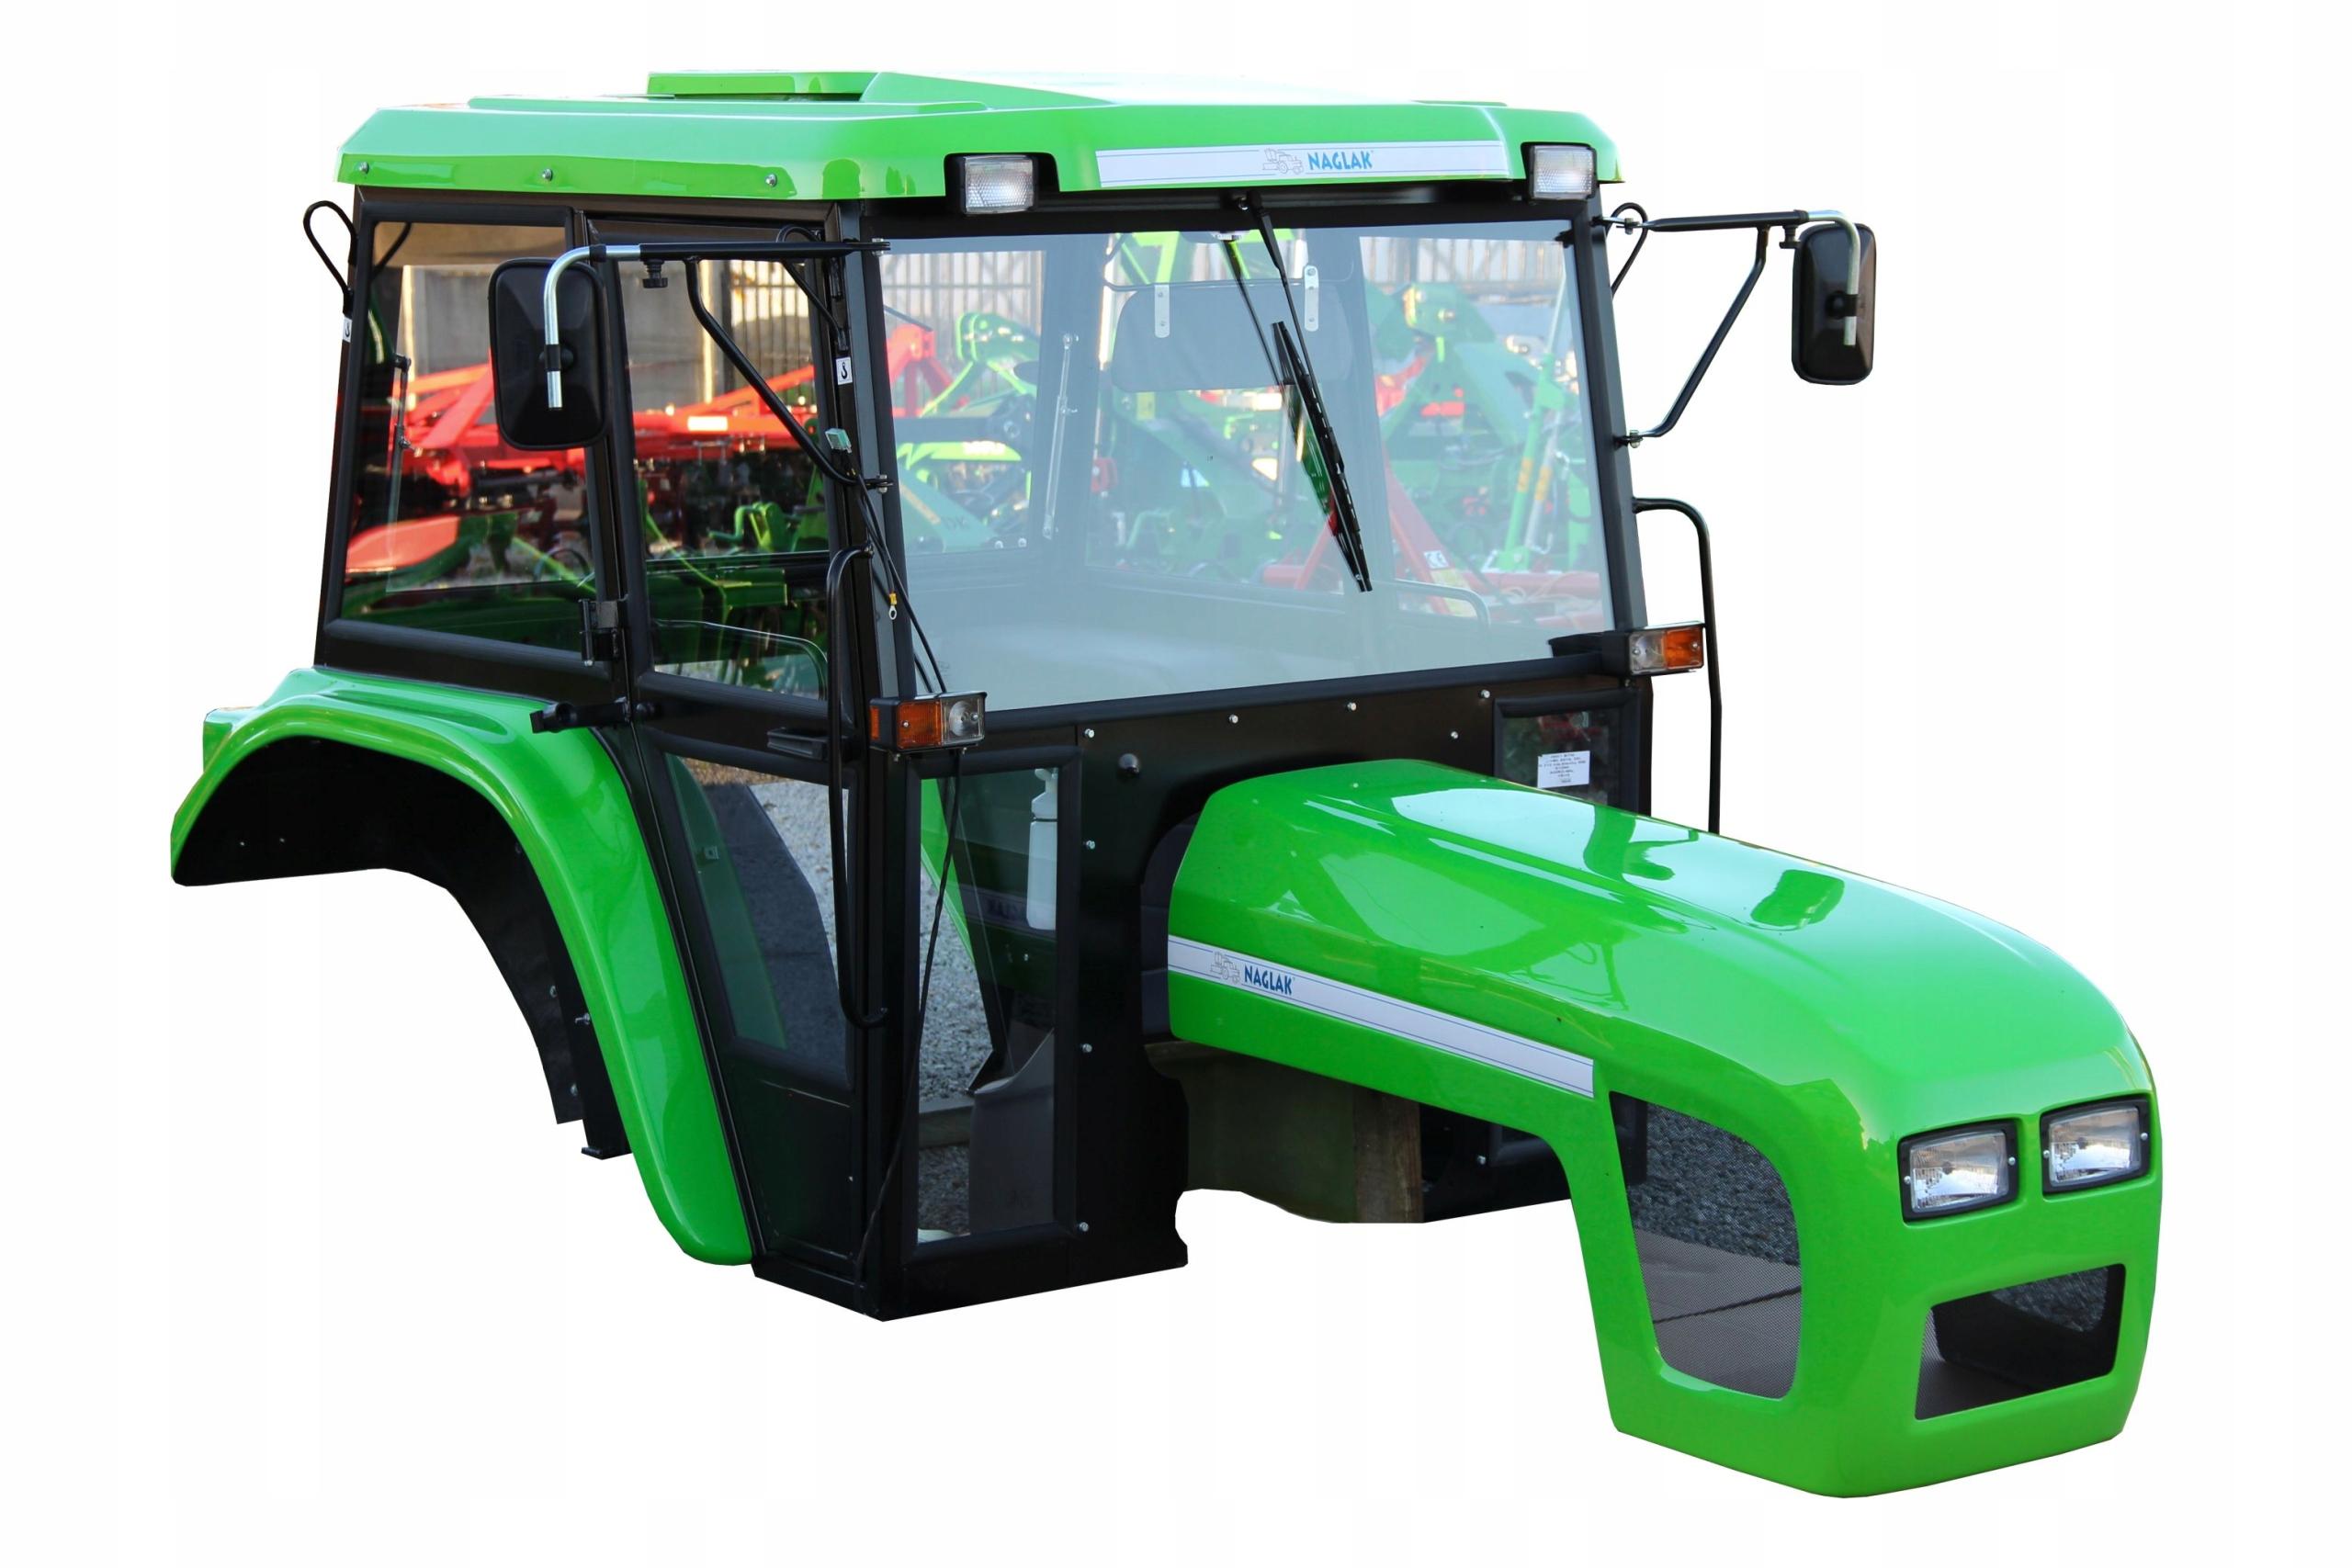 Kabina C360 Maska C 360 Naglak Zestaw Zielony Rogozno Allegro Pl